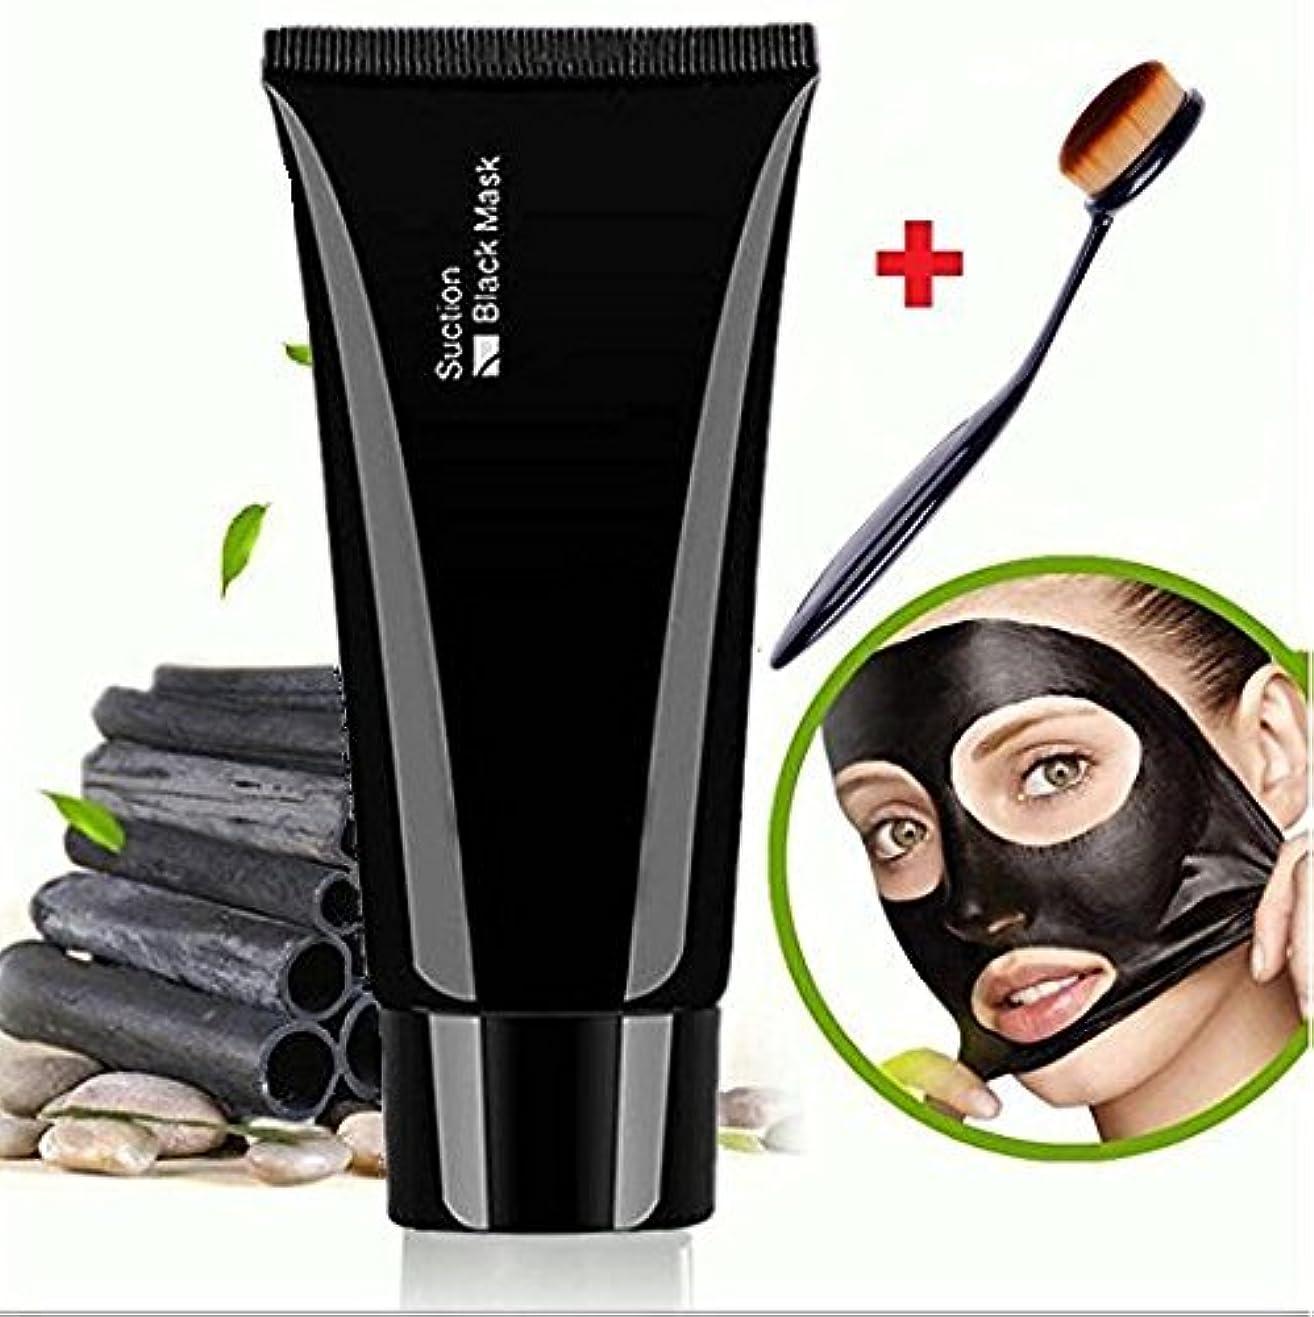 ポテト把握ファンブルFacial Mask Black, Face Apeel Cleansing Mask Deep Cleanser Blackhead Acne Remover Peel off Mask + Oval Brush